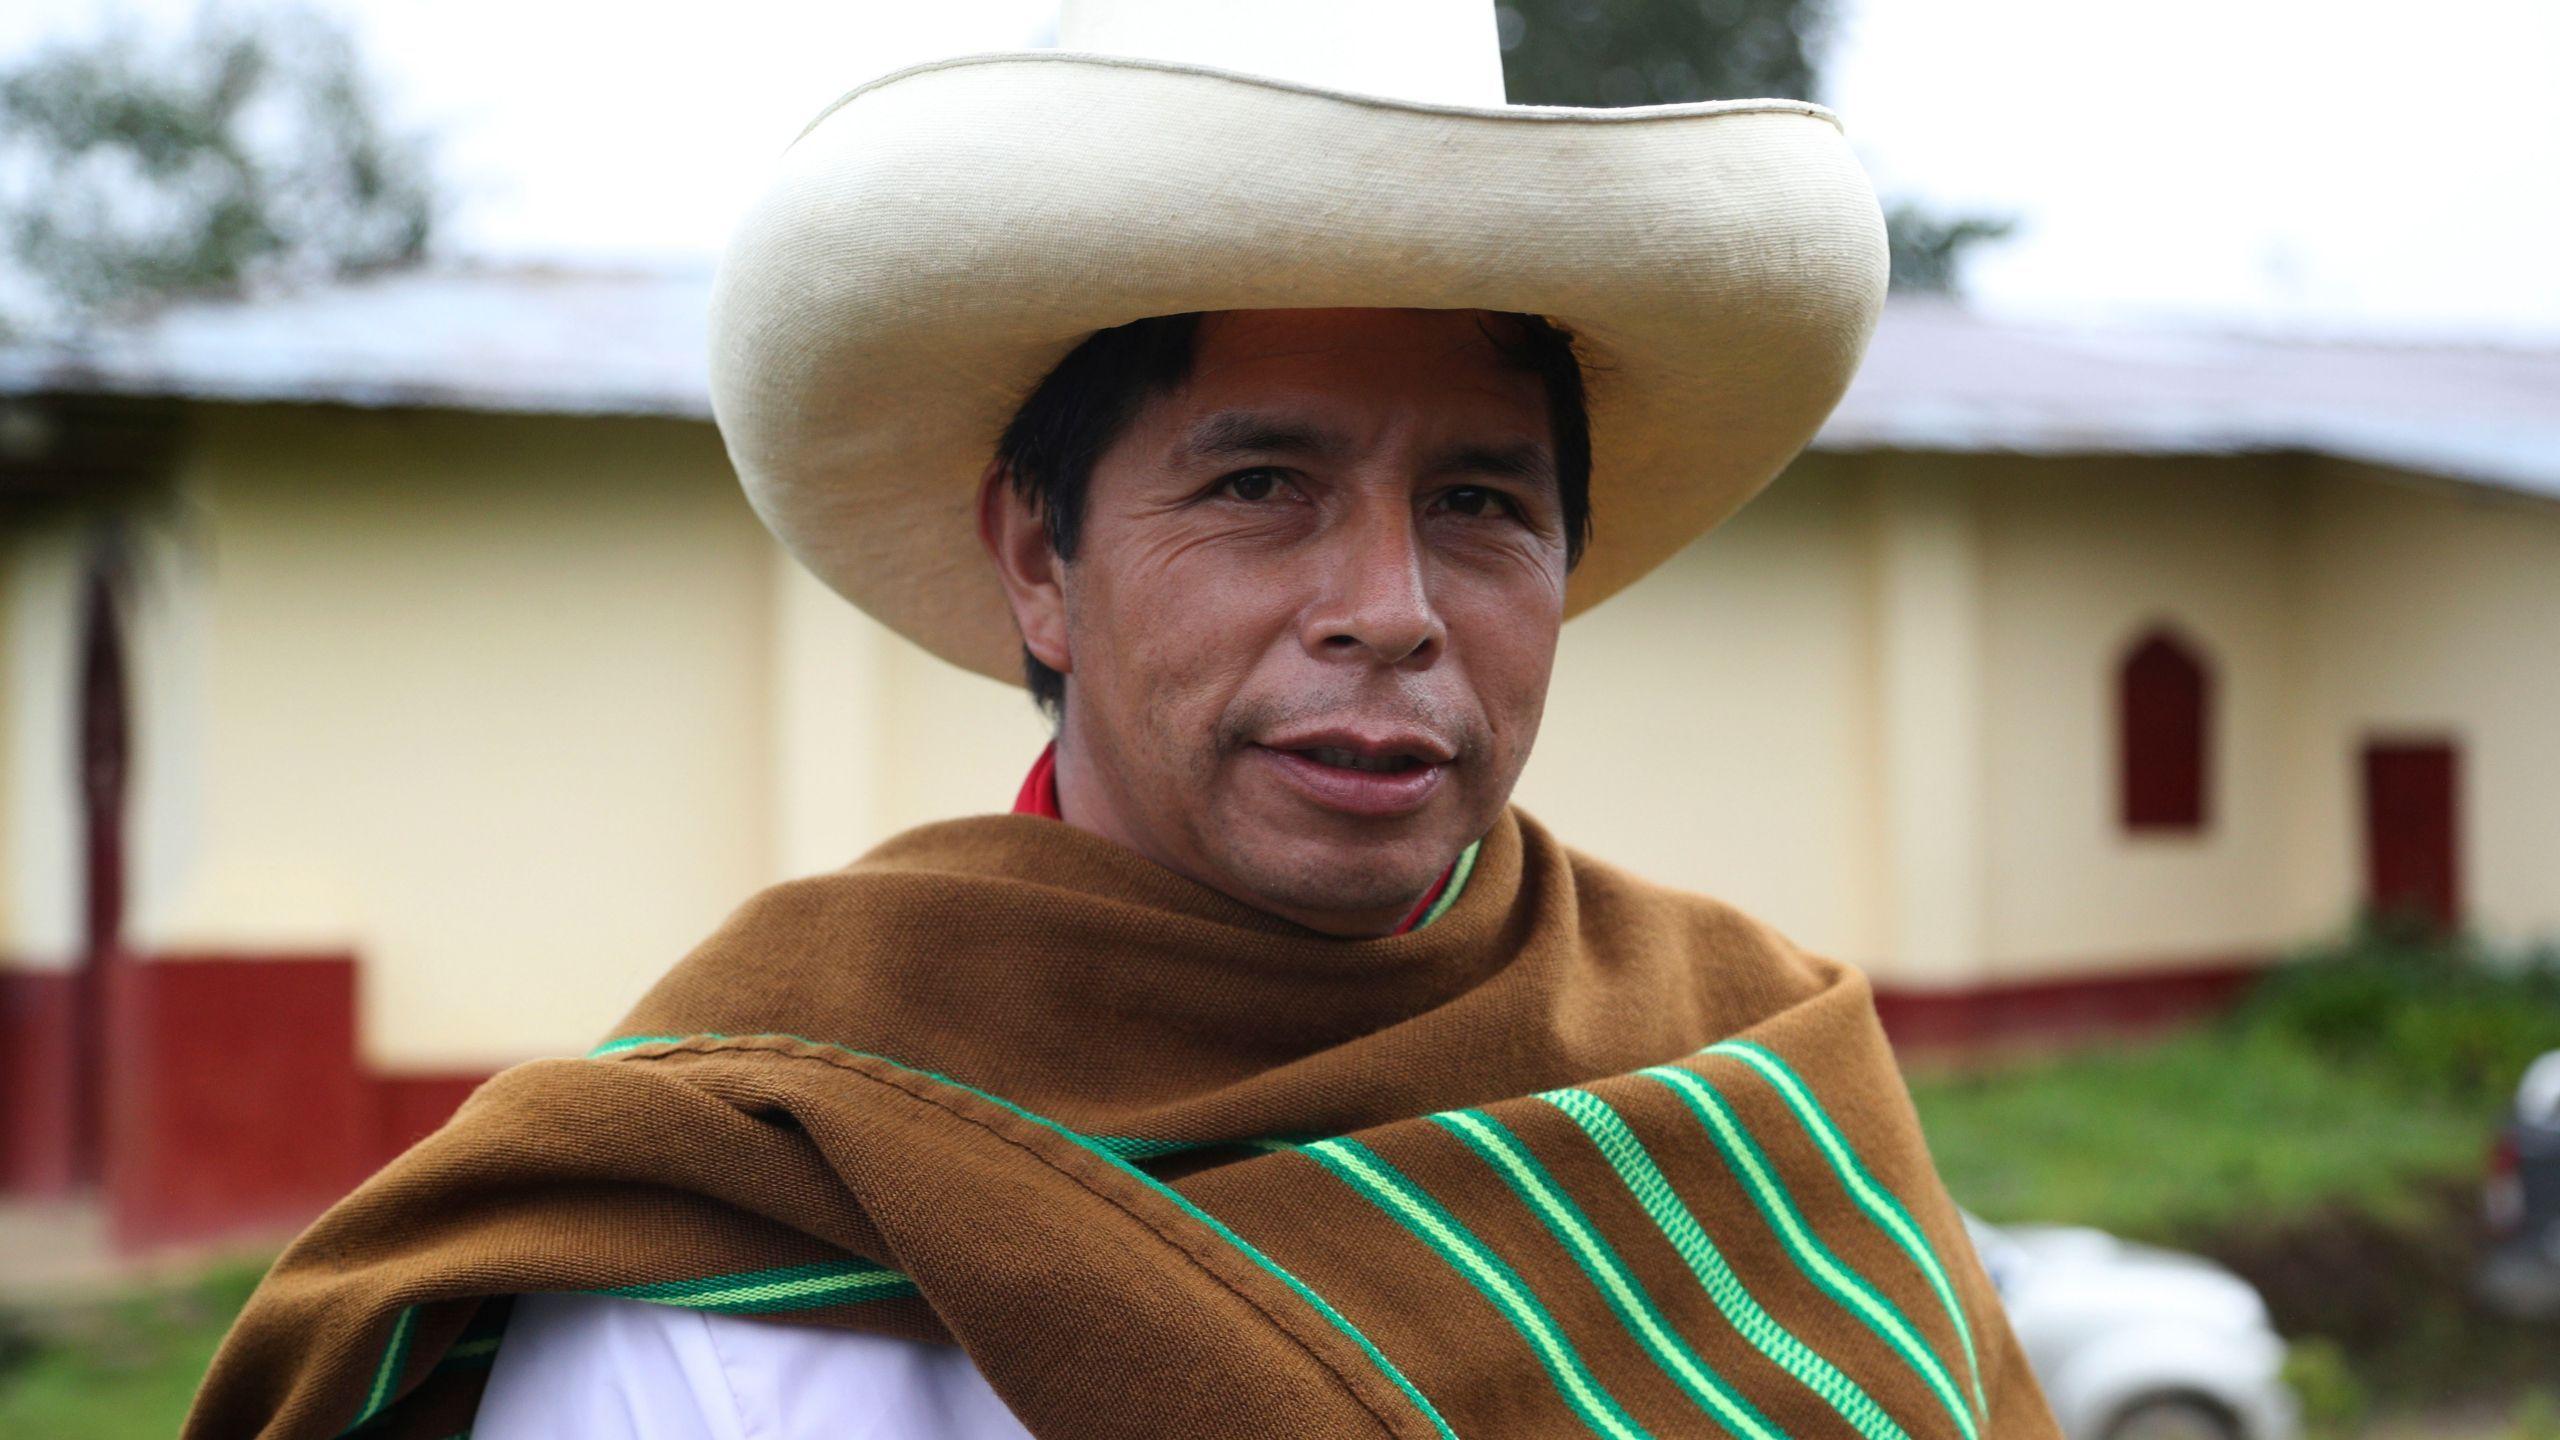 MUERE CANDIDATO A LA PRESIDENCIA DE LA REPÚBLICA POR EL PARTIDO PERÚ LIBRE, PEDRO CASTILLO DEBIDO A UNA INSUFICIENCIA CARDIACA